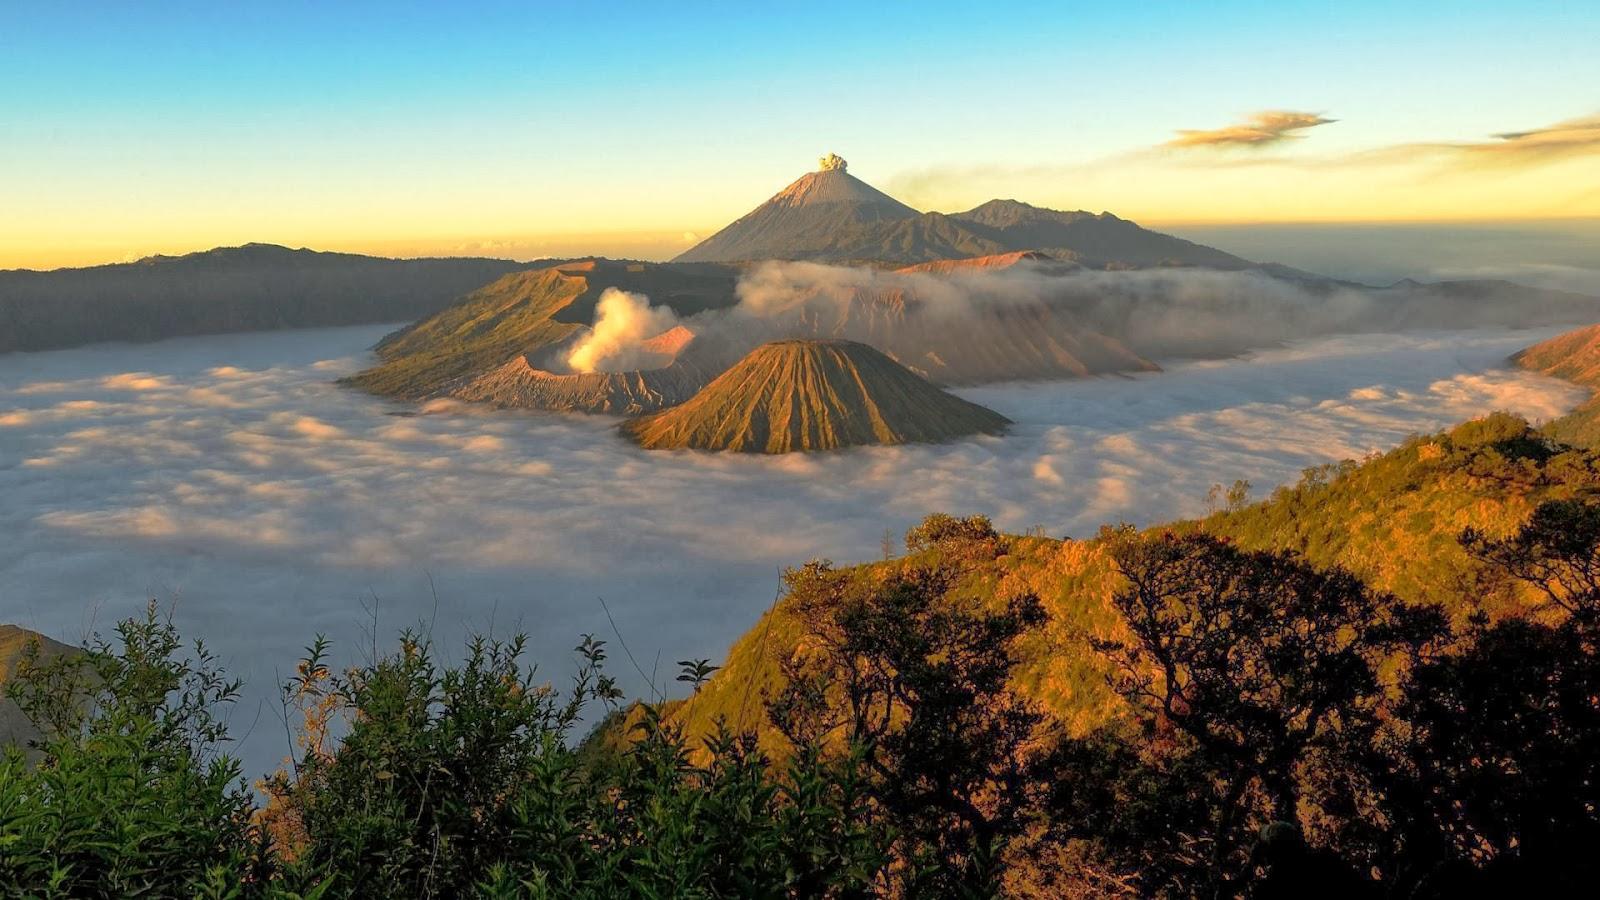 Wisata Gunung Bromo - Paket Wisata Gunung Bromo dan Kawah Ijen